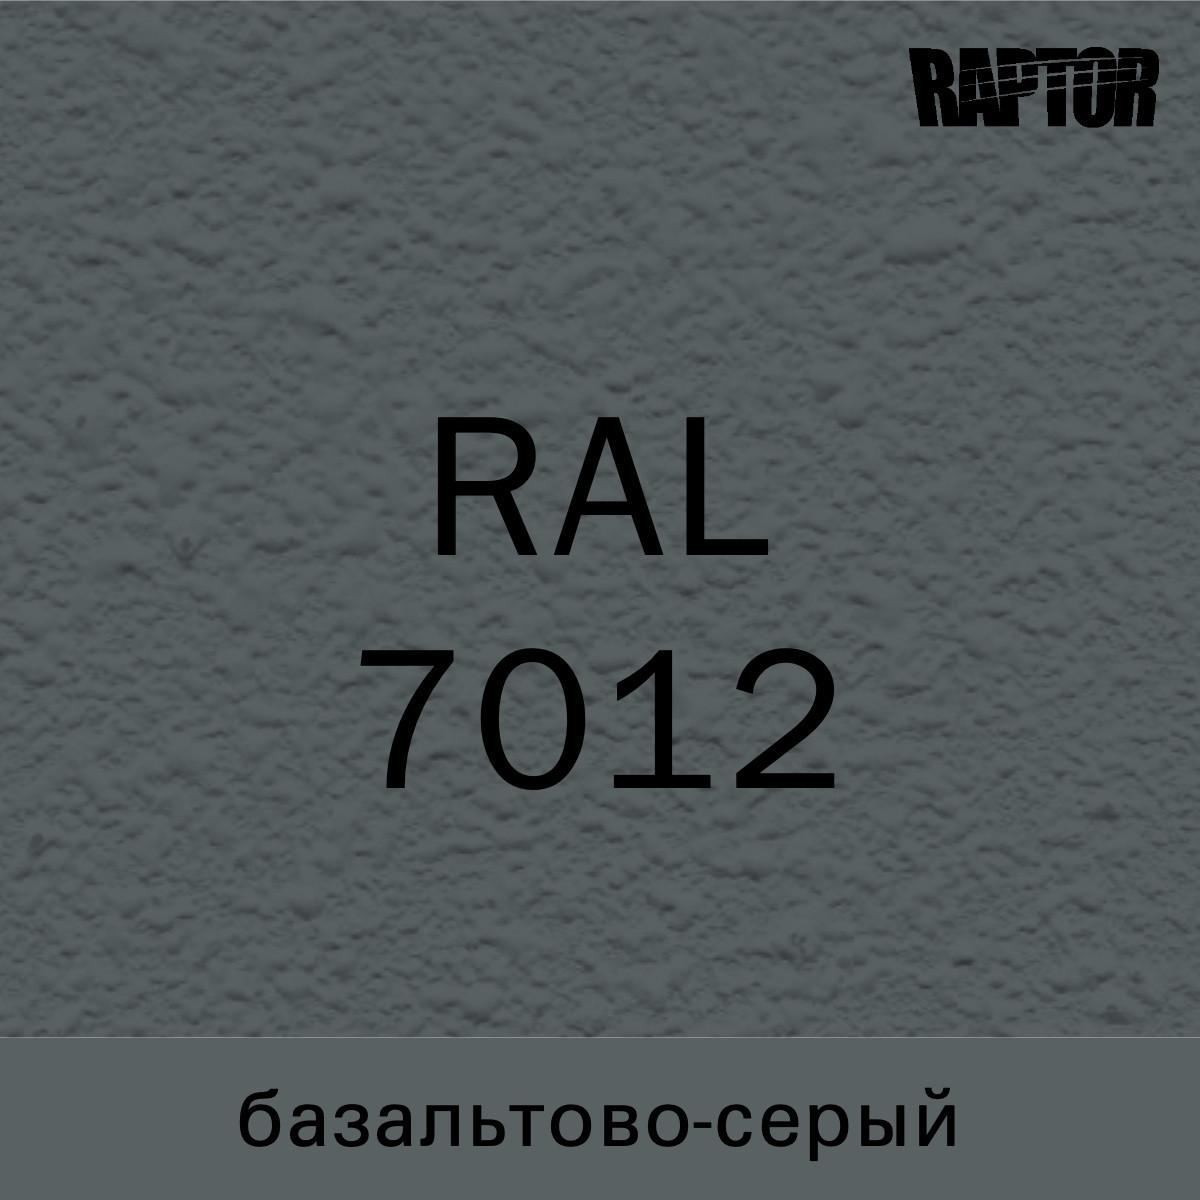 Пигмент для колеровки покрытия RAPTOR™ Базальтово-серый (RAL 7012)